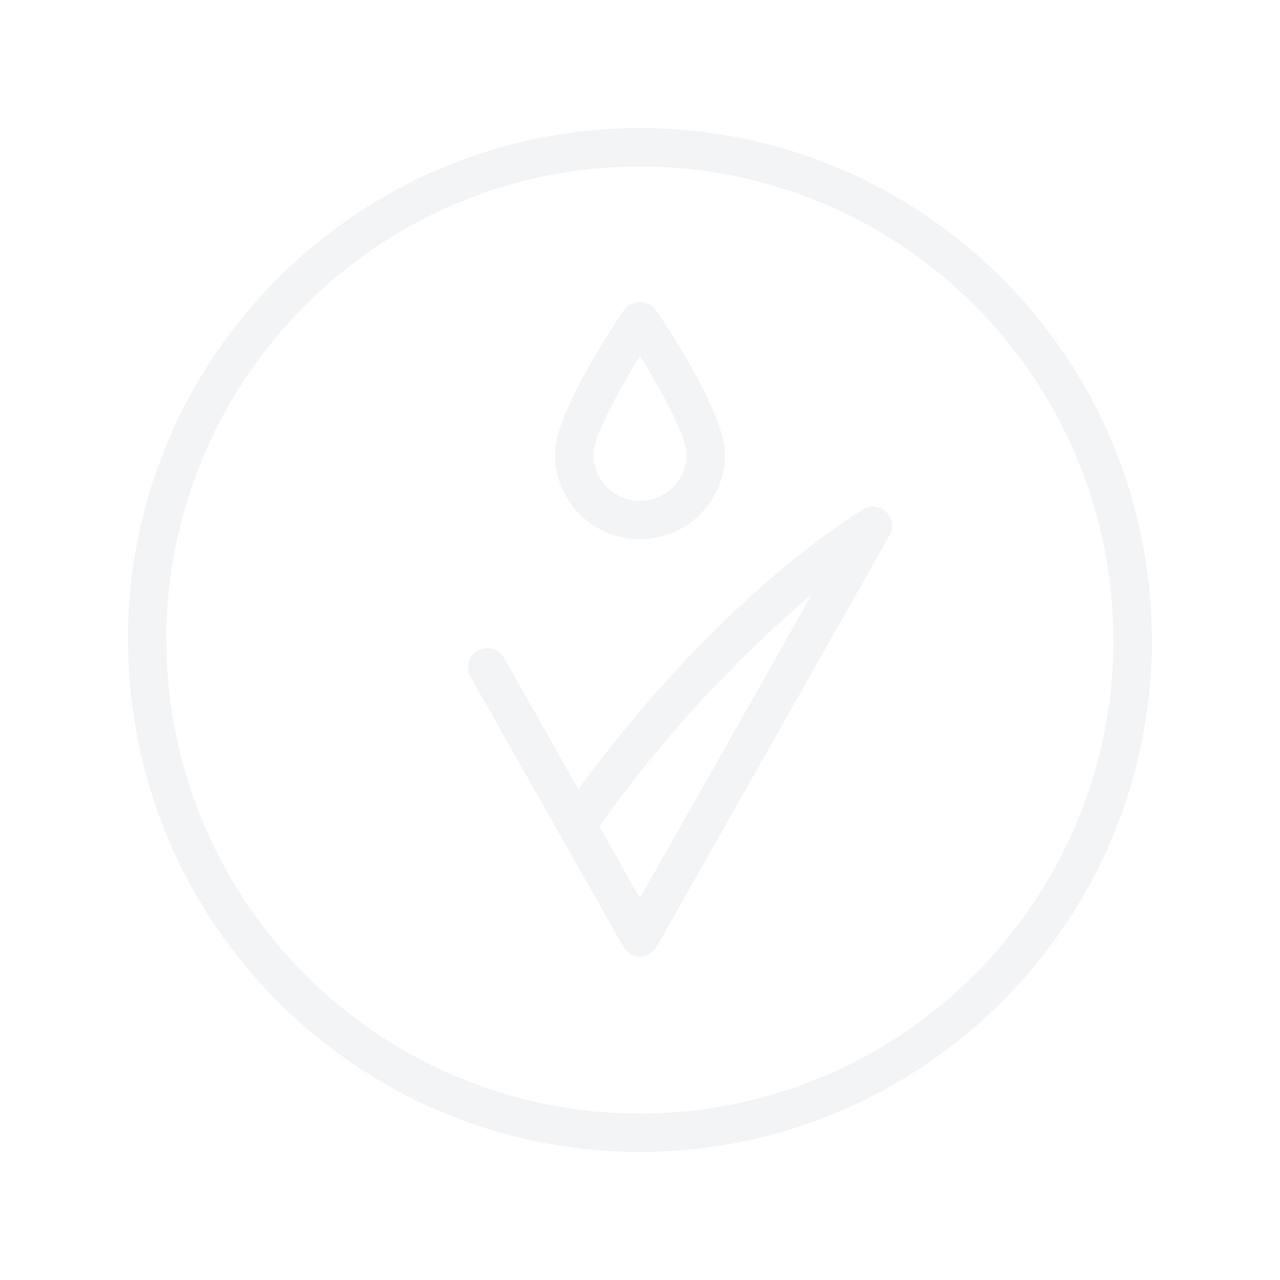 NATURA SIBERICA Alladale Nourishing Hand Cream 75ml